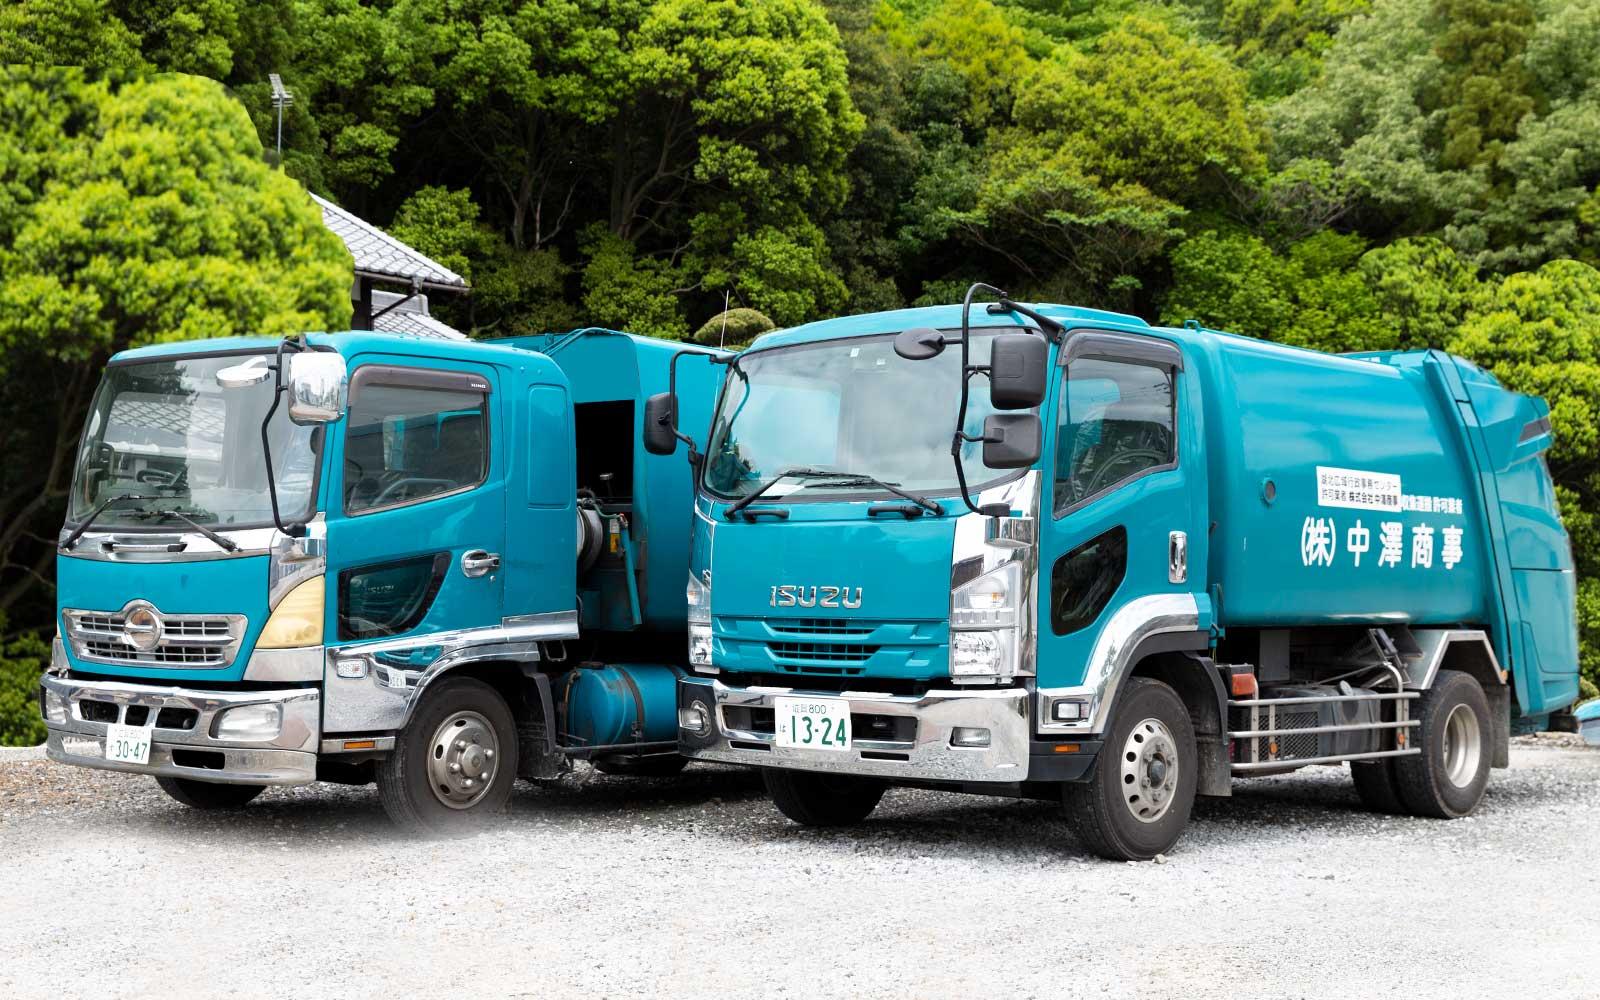 廃棄物運搬収集で未来を紡ぐ株式会社中澤商事